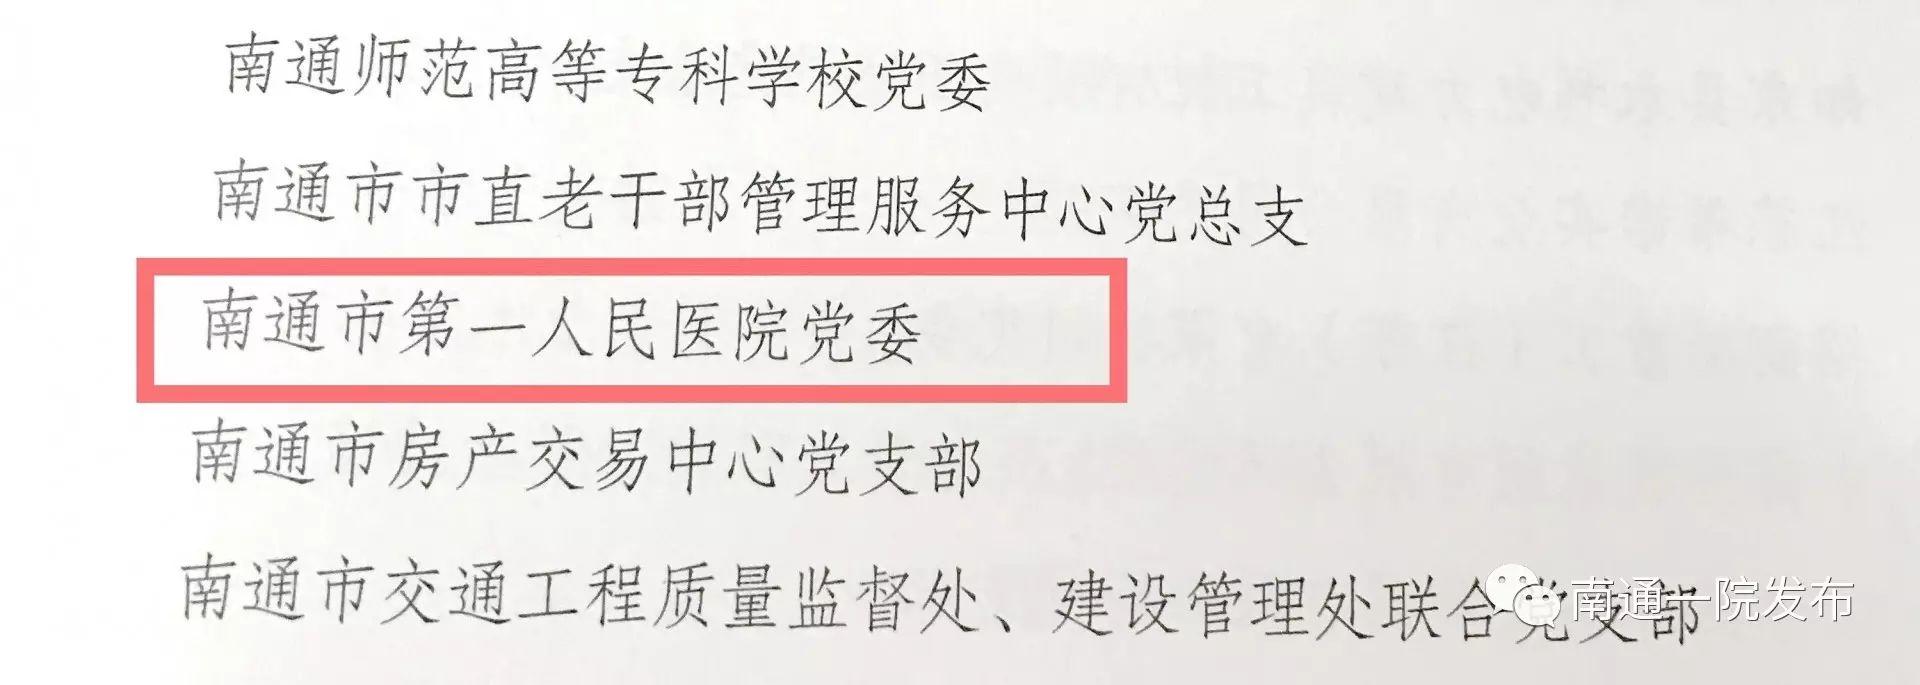 """市一院党委获""""南通市党建任务树模点""""荣誉称呼"""